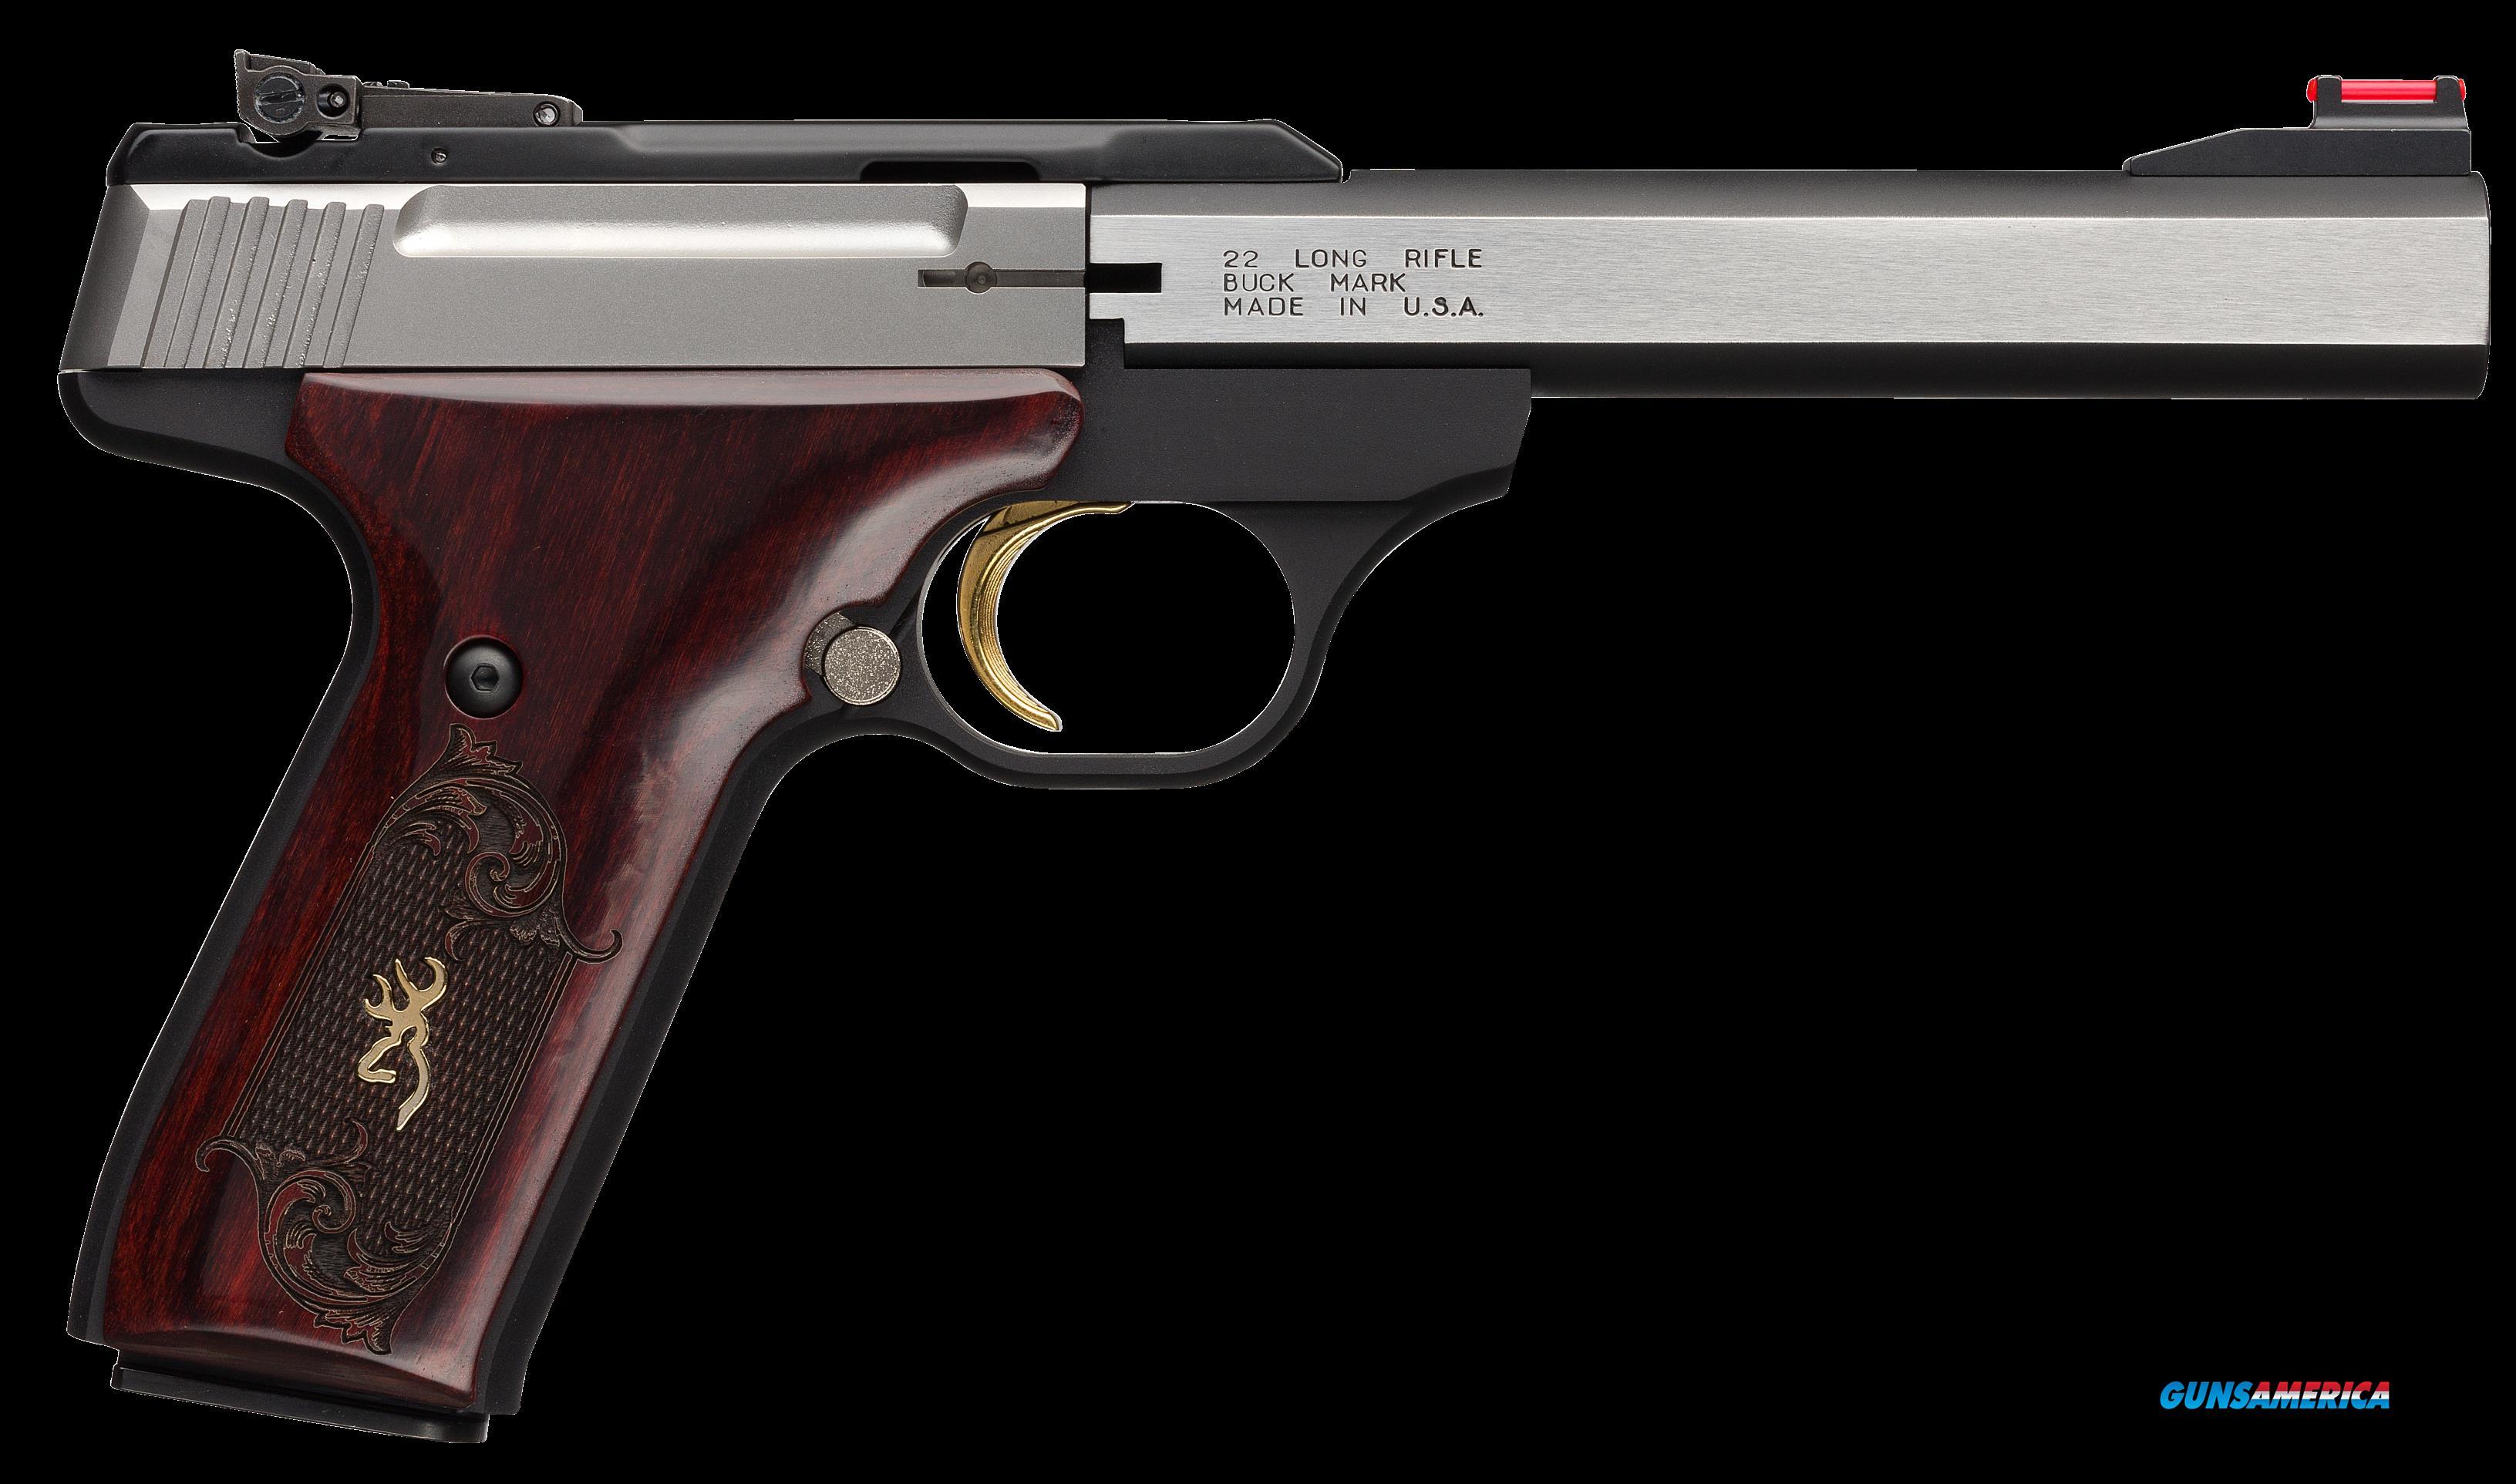 Browning Buck Mark, Brn 051-543490 Bkmk 22 Med 5.5 Fo  Rswd  Guns > Pistols > 1911 Pistol Copies (non-Colt)